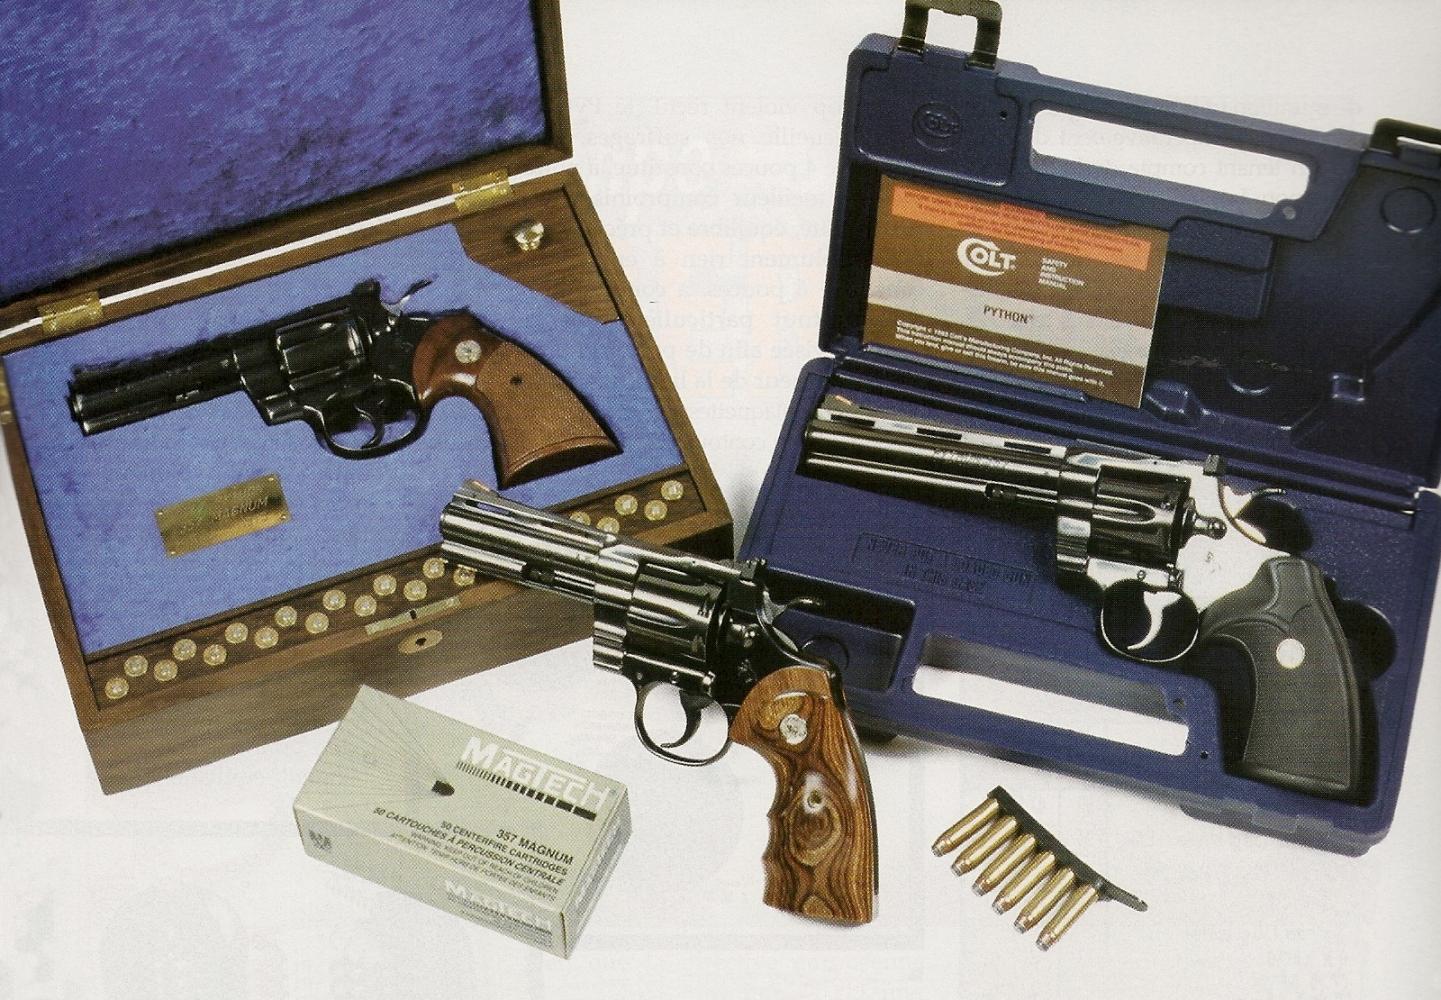 Nous avons réuni ici trois générations de Colt Python : un modèle de 1974, dans un coffret artisanal (Rémi Bourgeois) ; un exemplaire de 1993, dans sa mallette Colt en matière plastique ; un Python Elite fabriqué en 1998, dont la qualité de réalisation est particulièrement soignée.